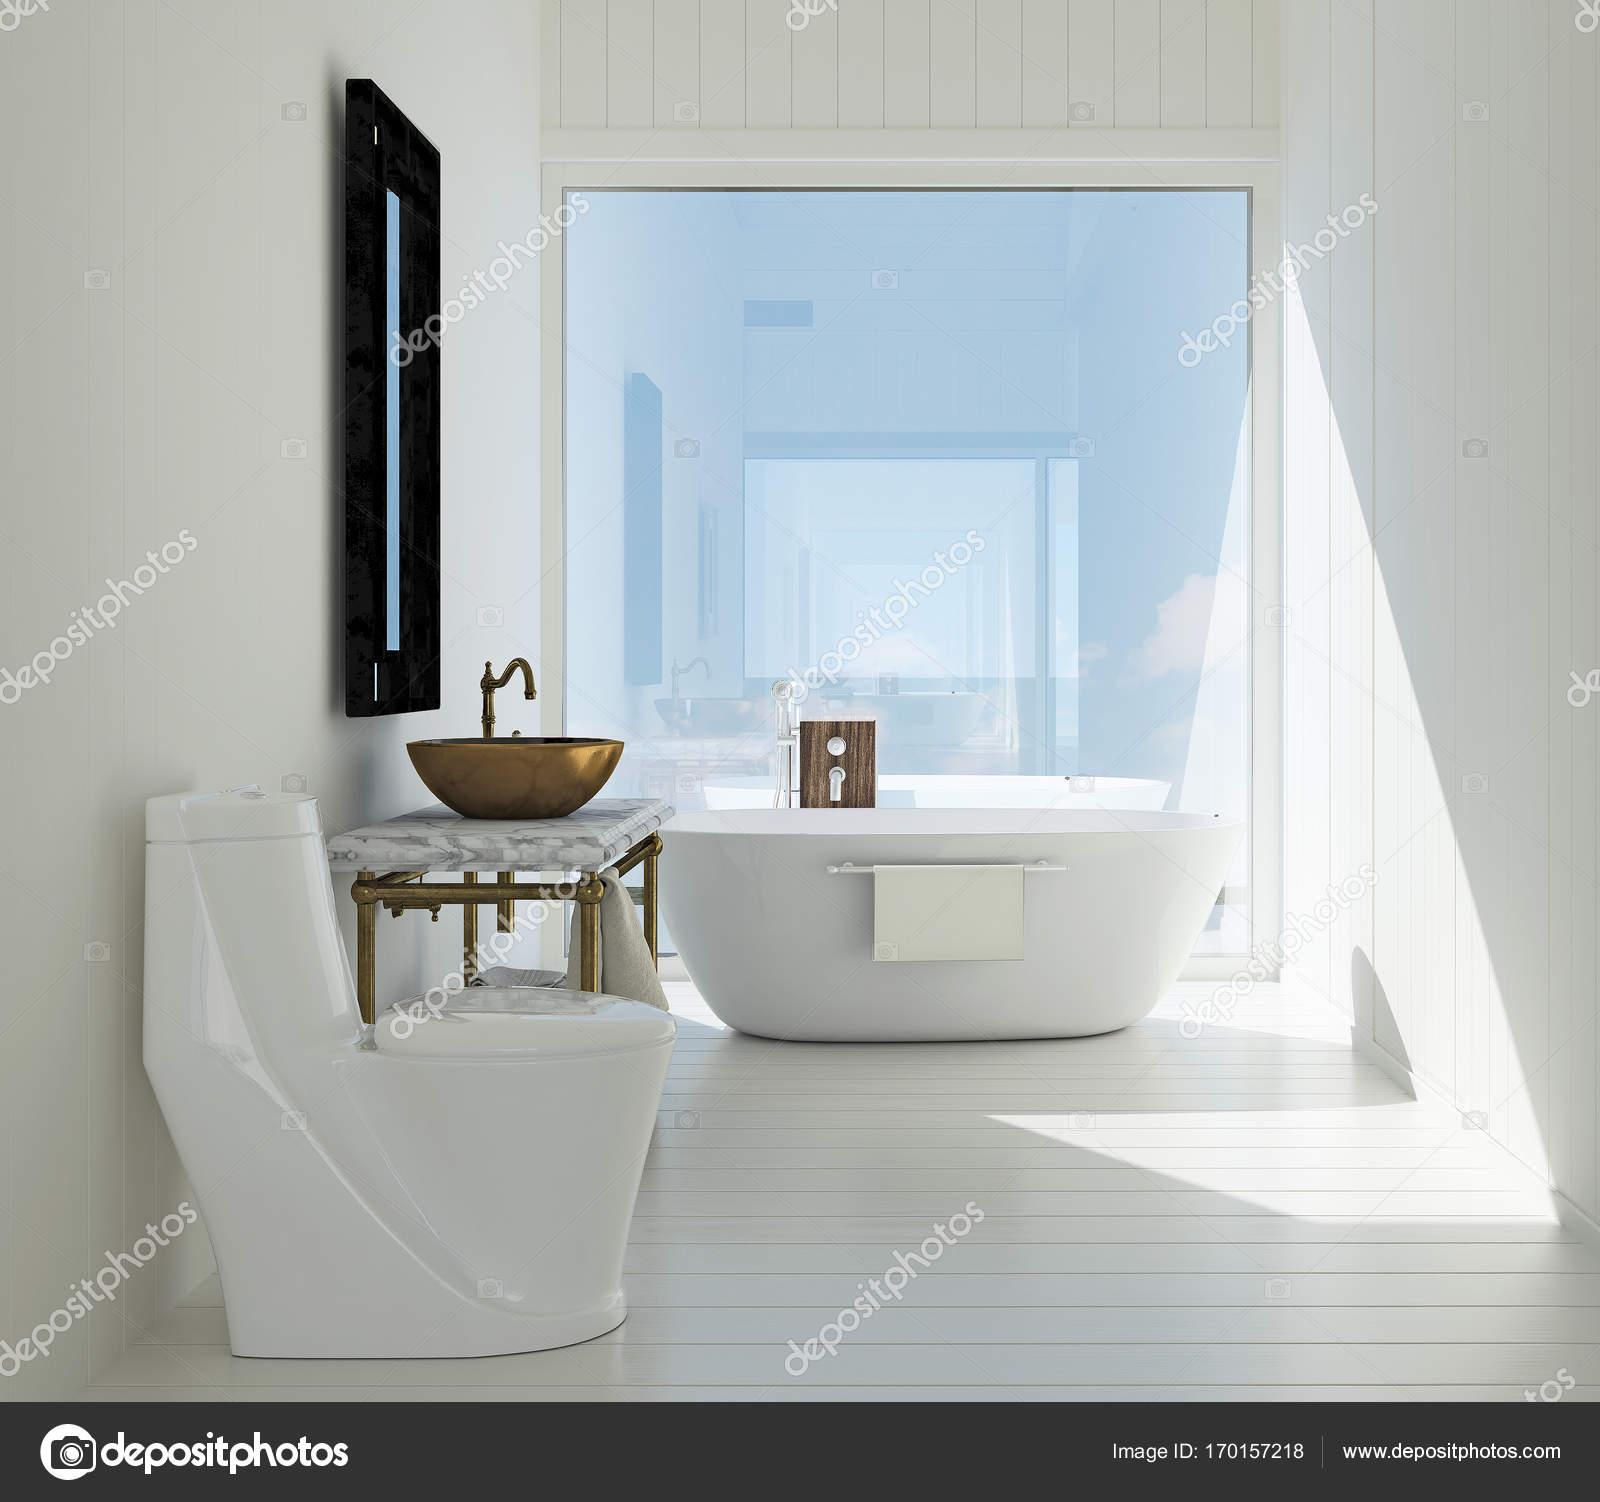 la salle de bain design d'intérieur et béton mur texture de fond et